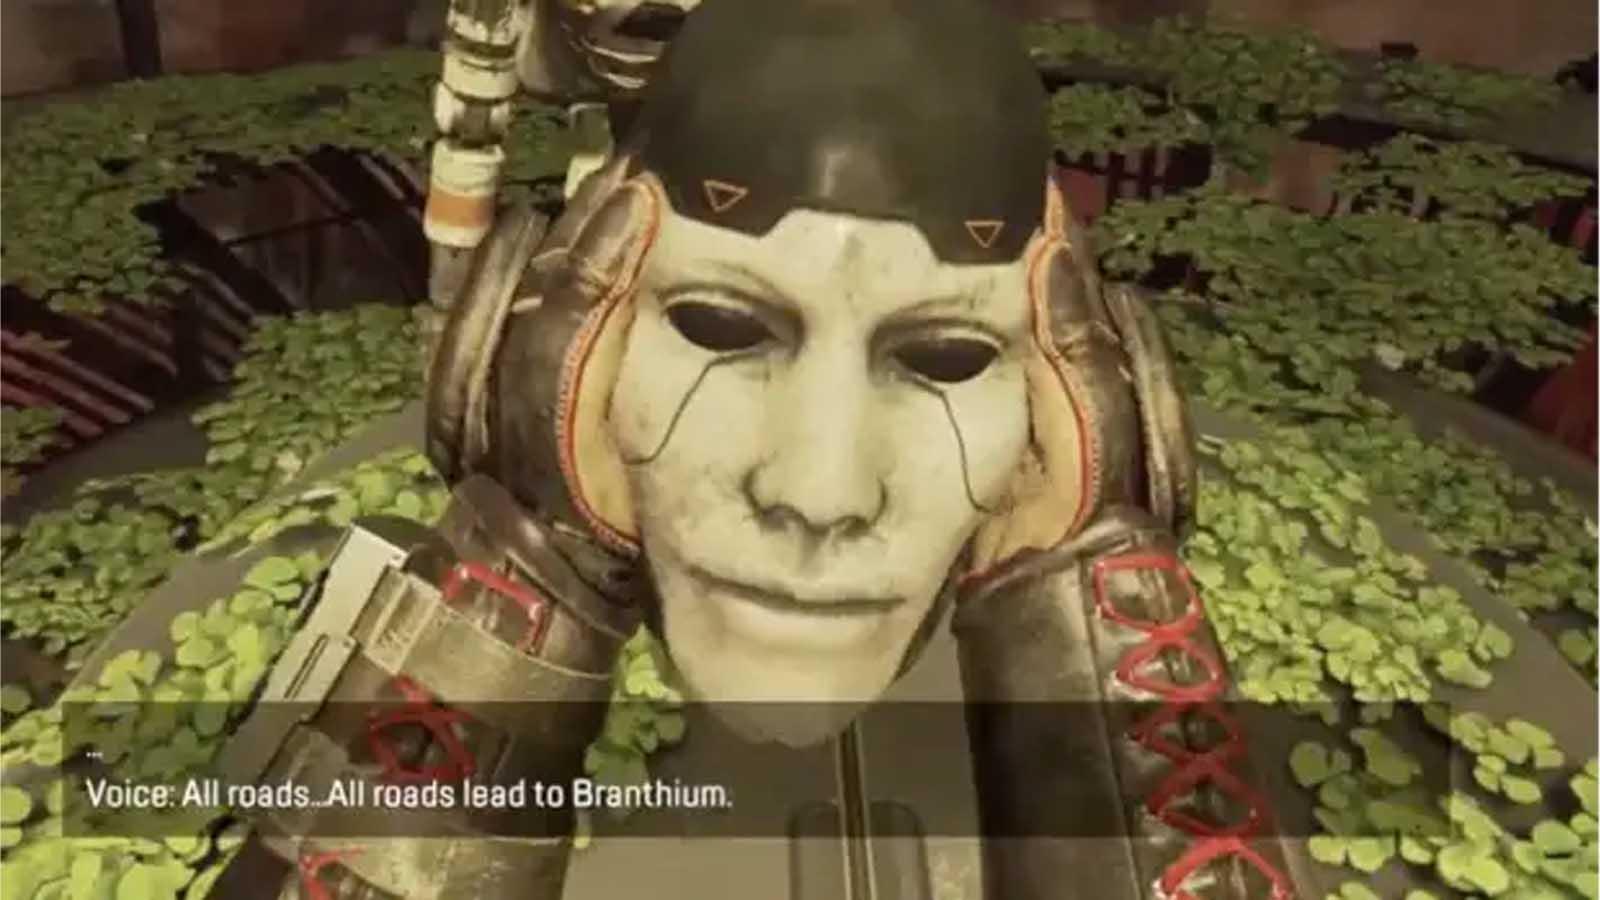 portada branthium apex legends